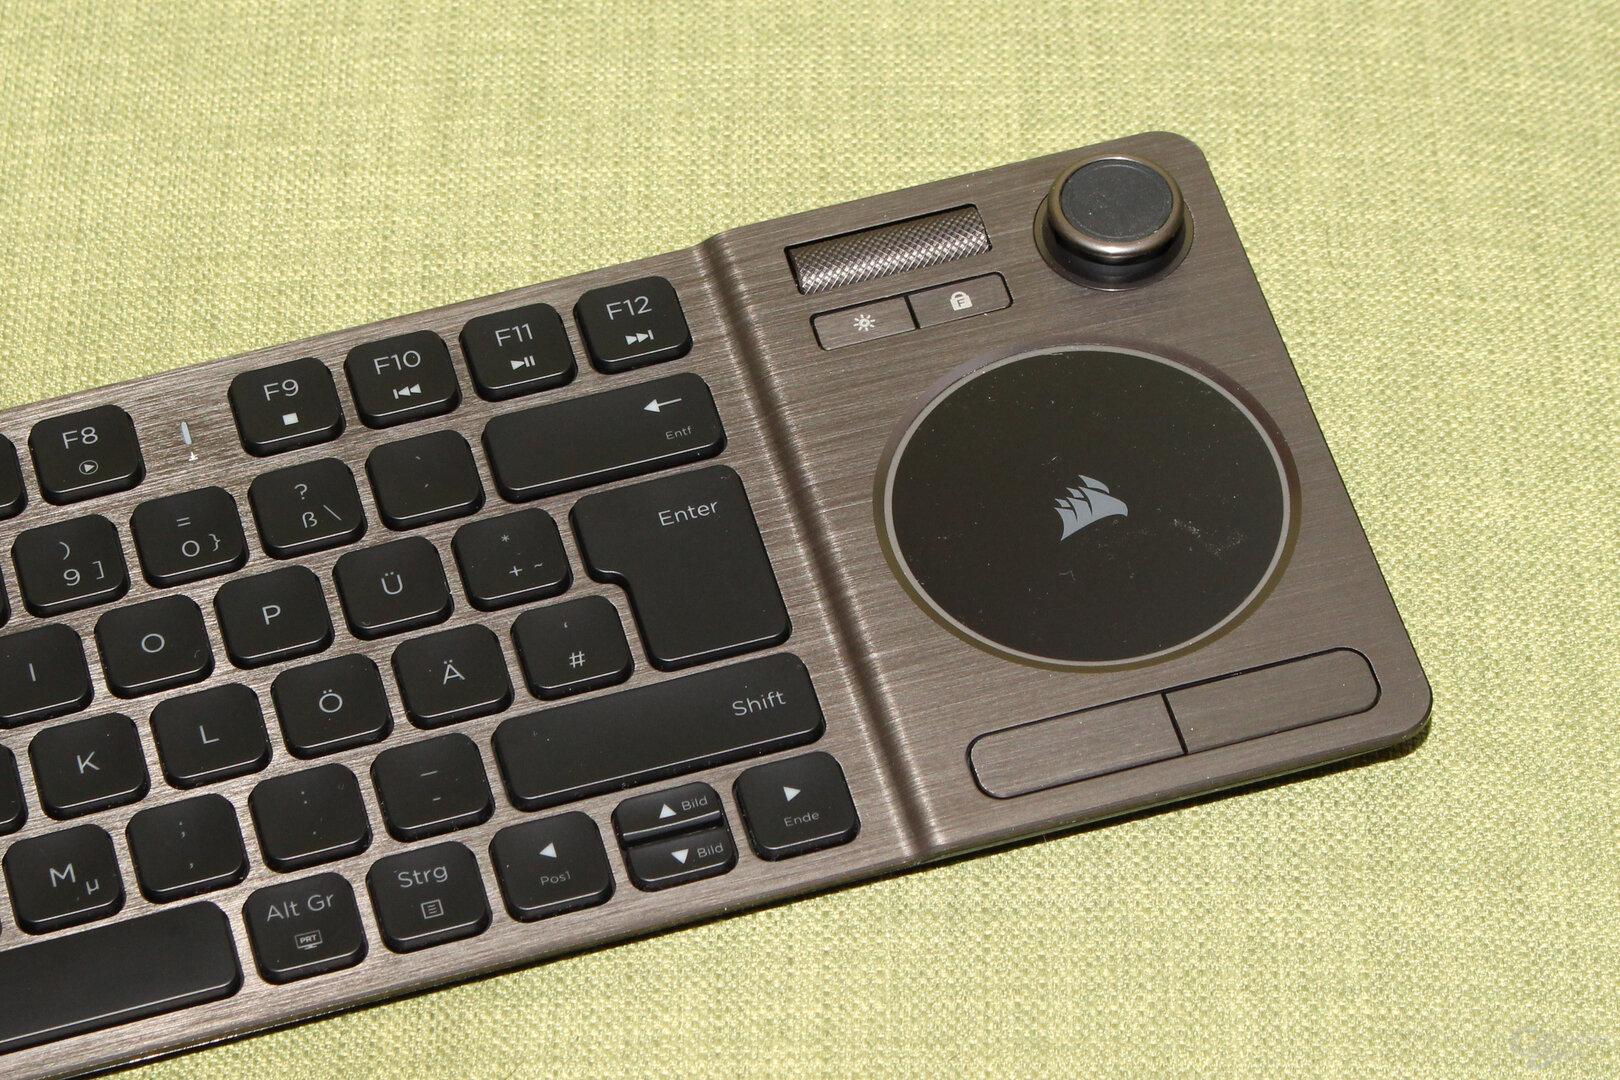 Rechts sind Touchpad, Medientasten und Joystick angeordnet